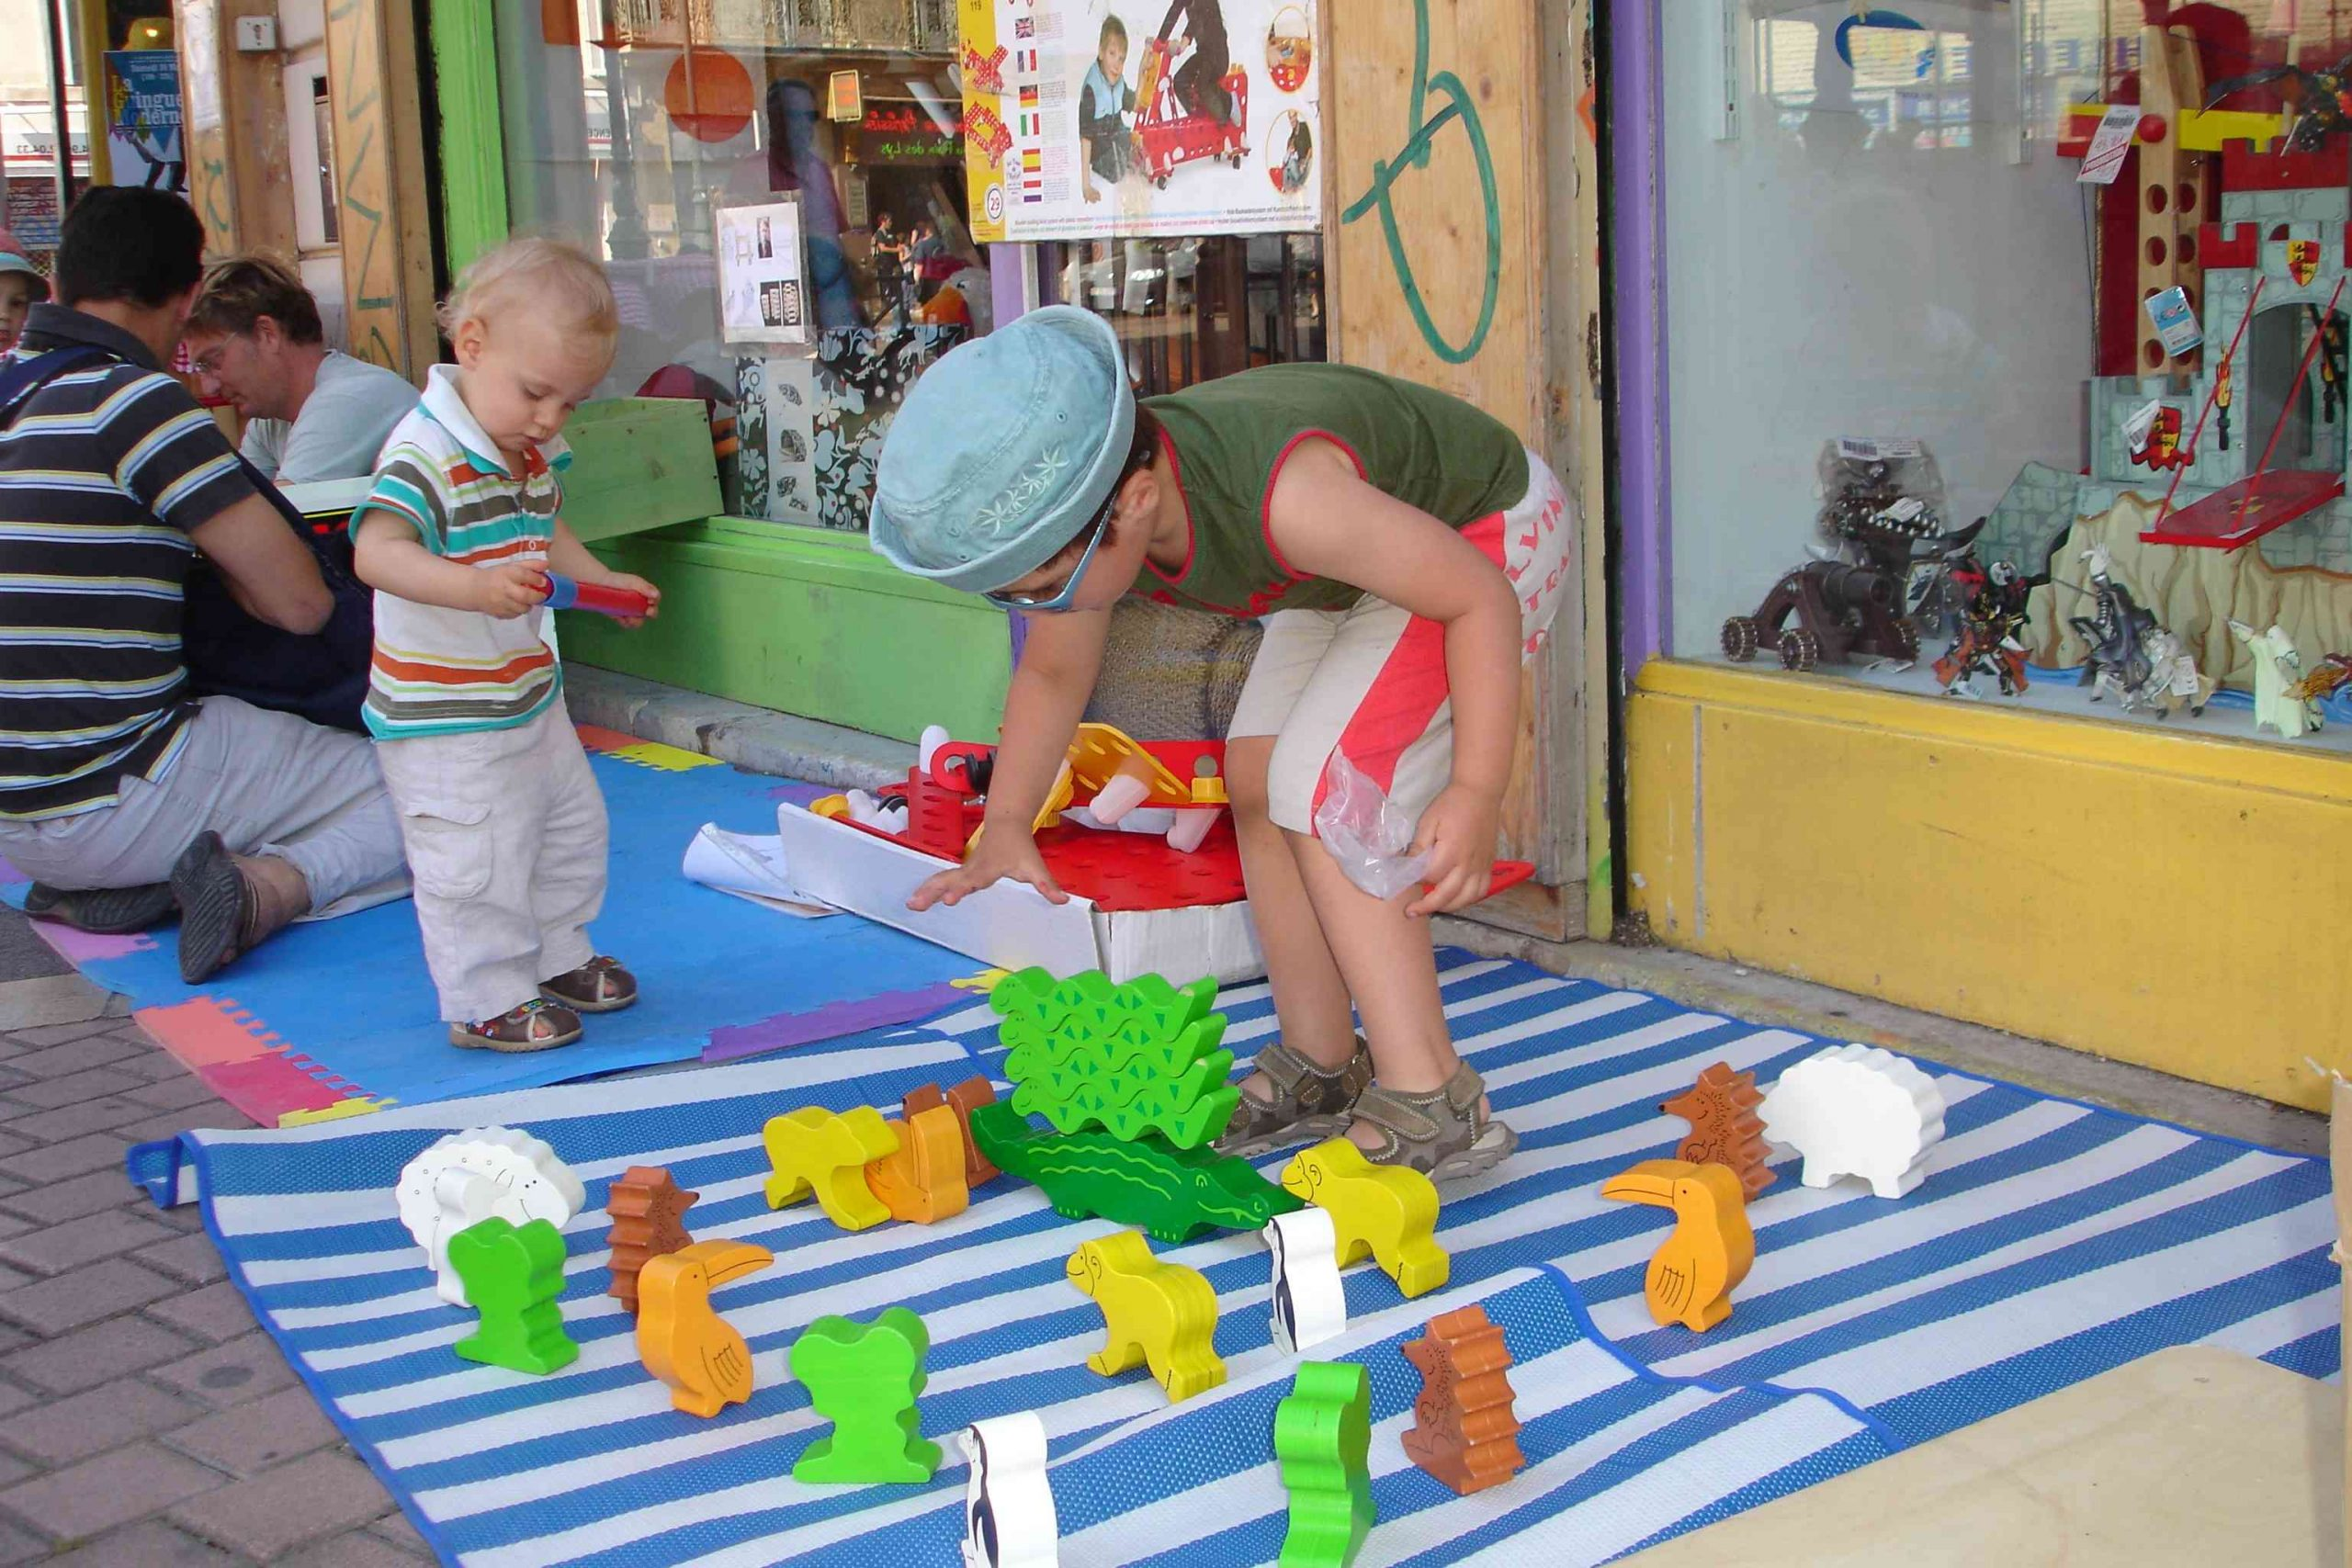 Activités Et Jeux Pour Enfants: Le Programme | La Guinguette dedans Jeux Pour Petit Enfant